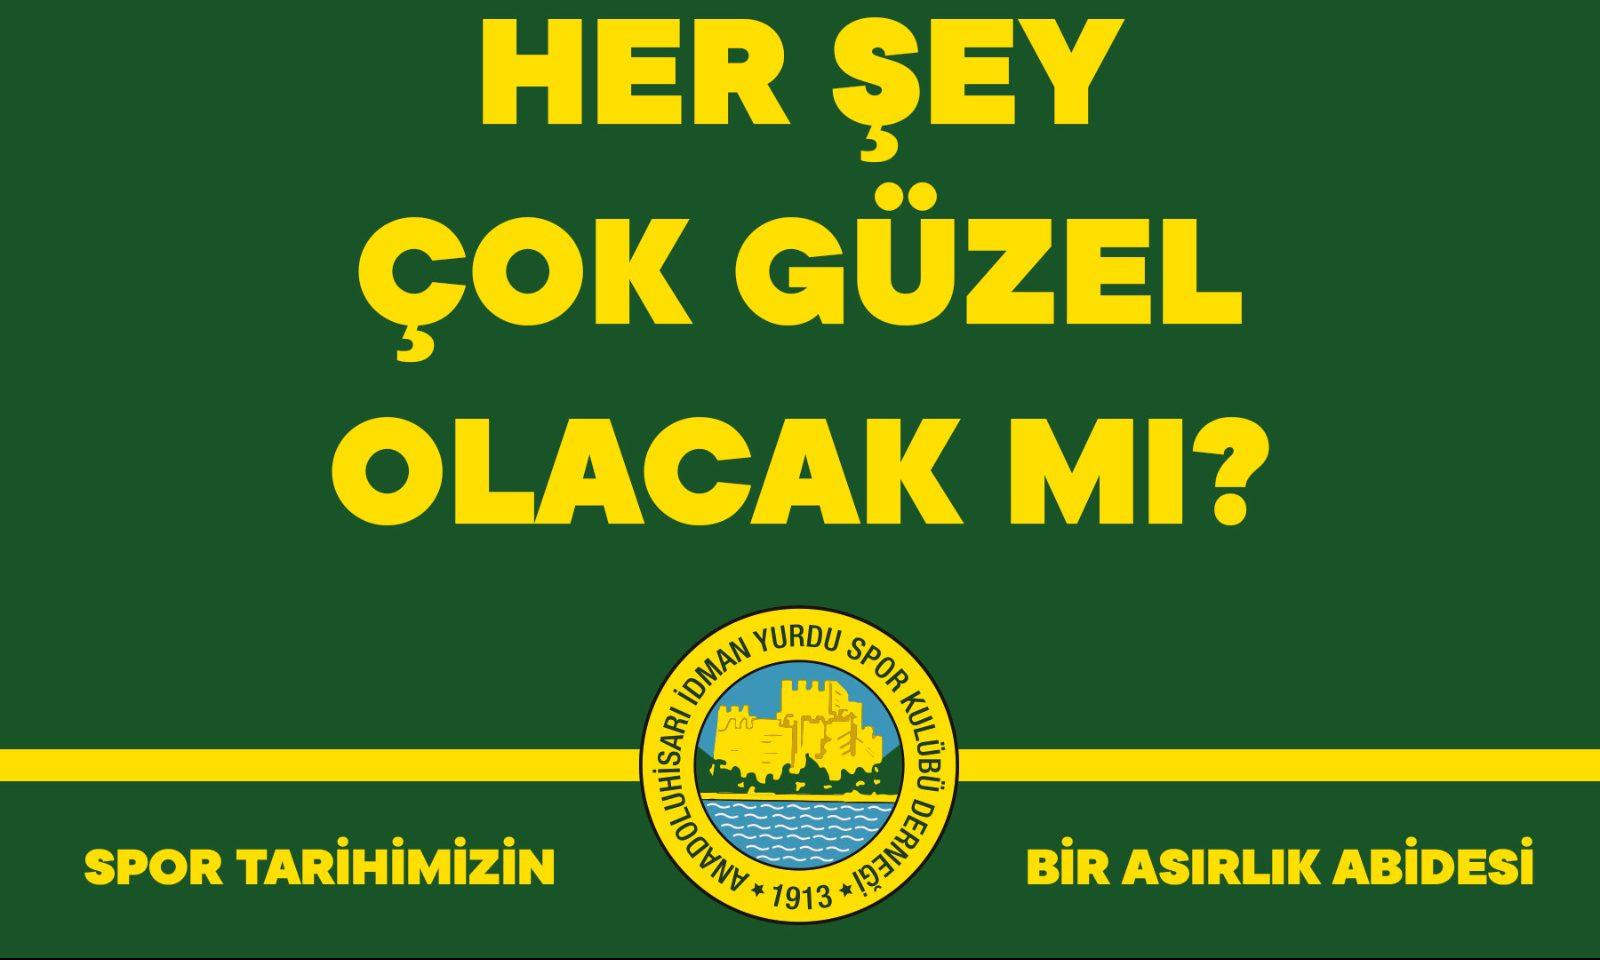 Anadoluhisarı'ndan sitem dolu cümleler!